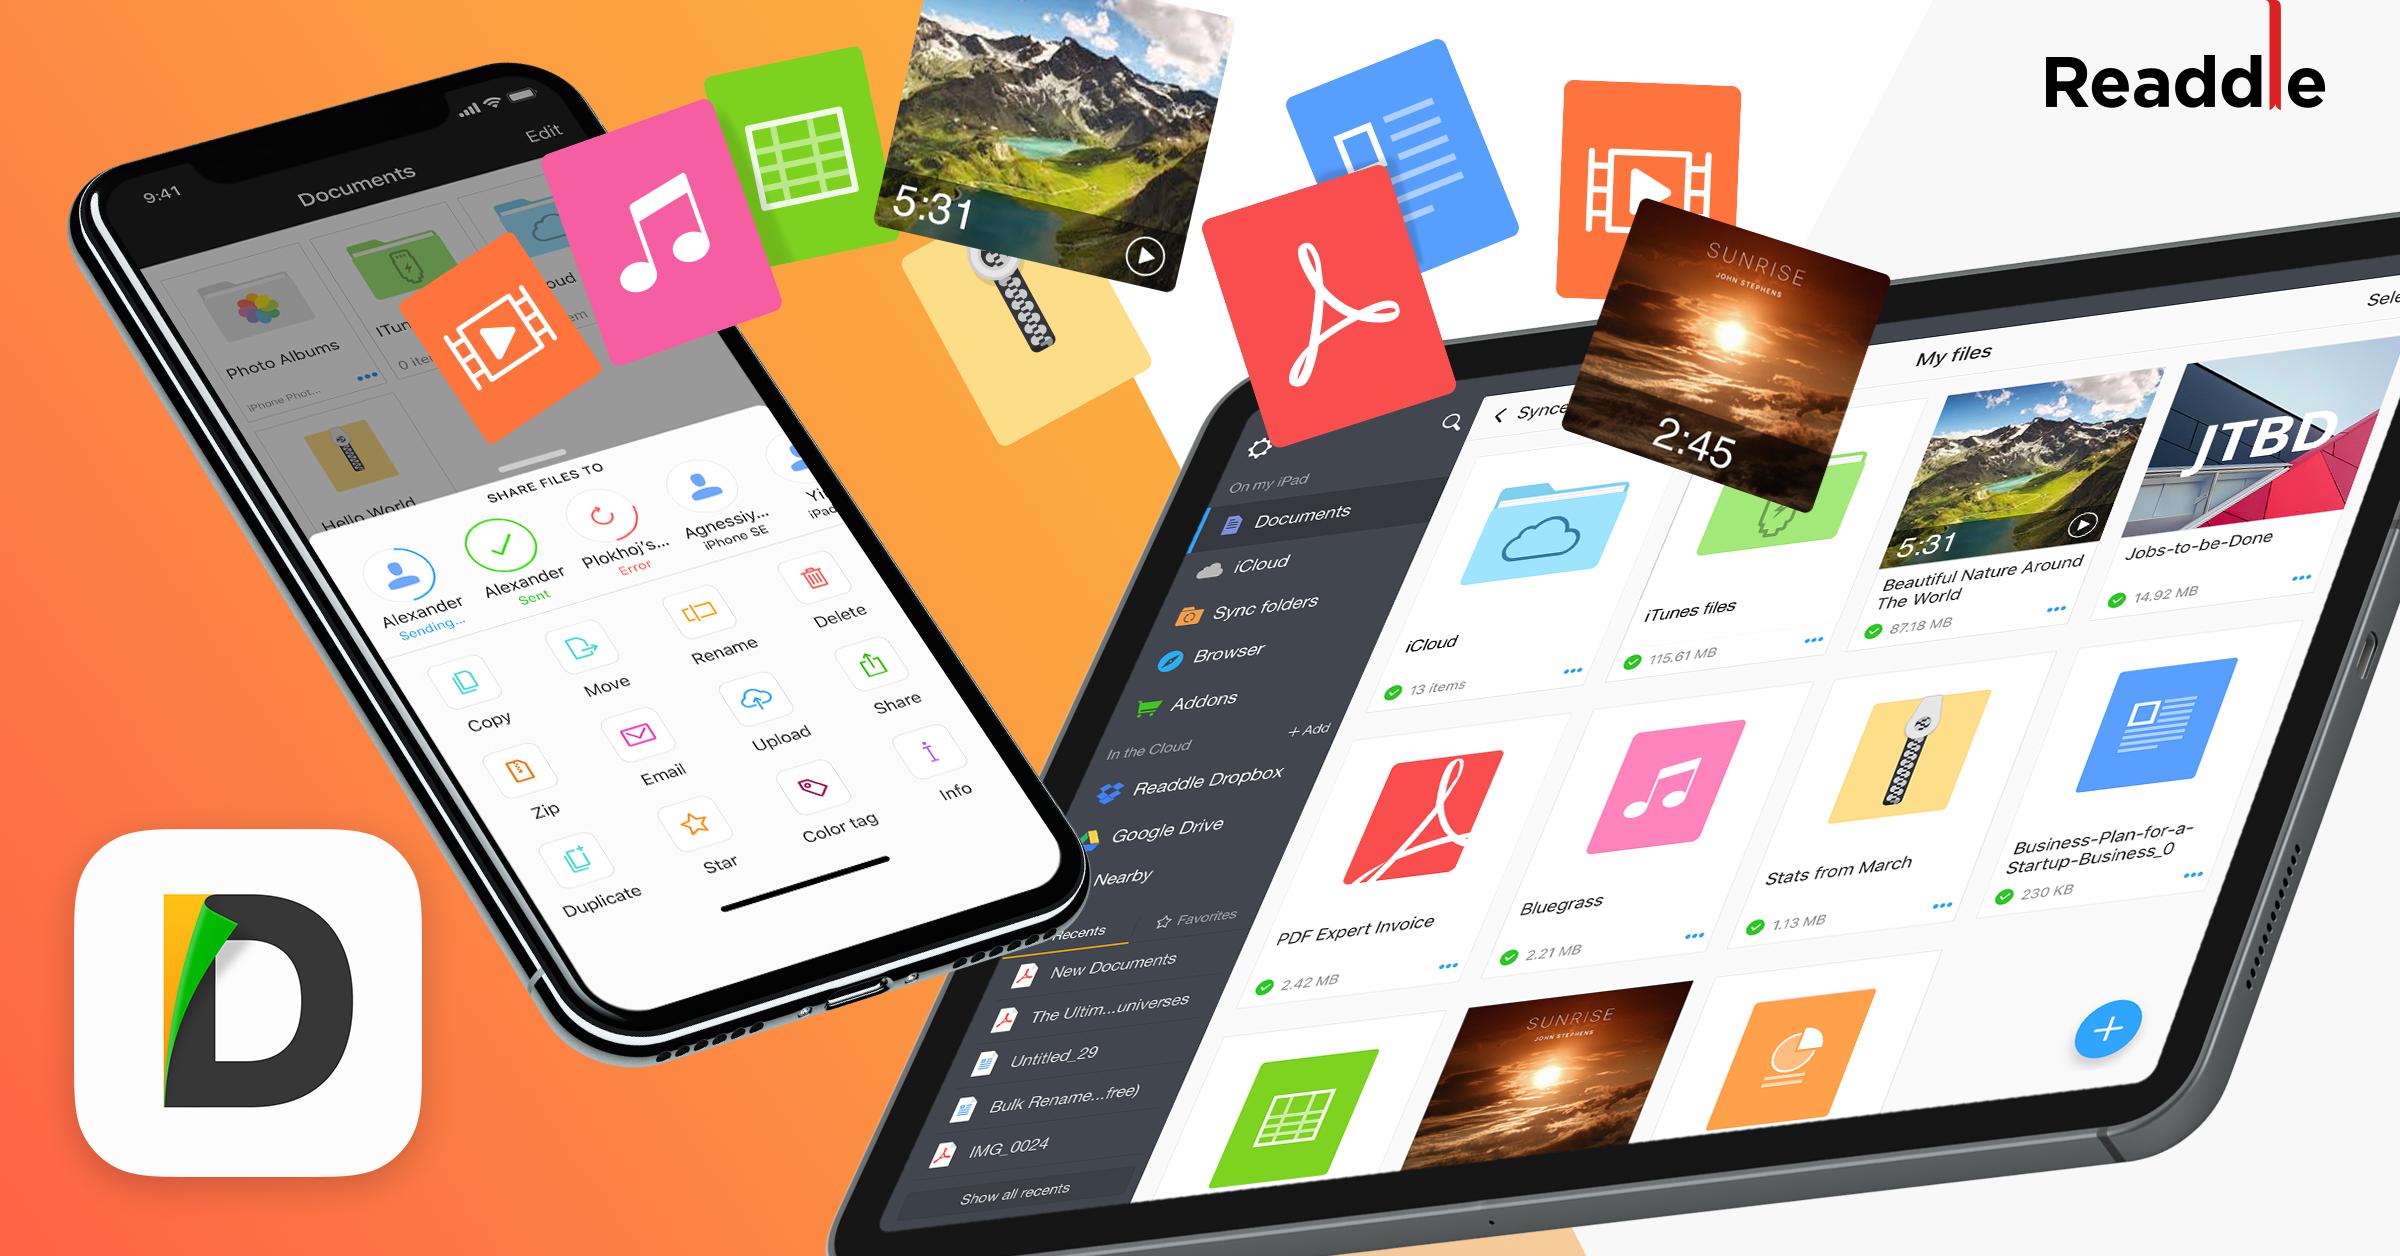 L'app Documents se dote du transfert de fichier entre machines iOS : FileDrop 1